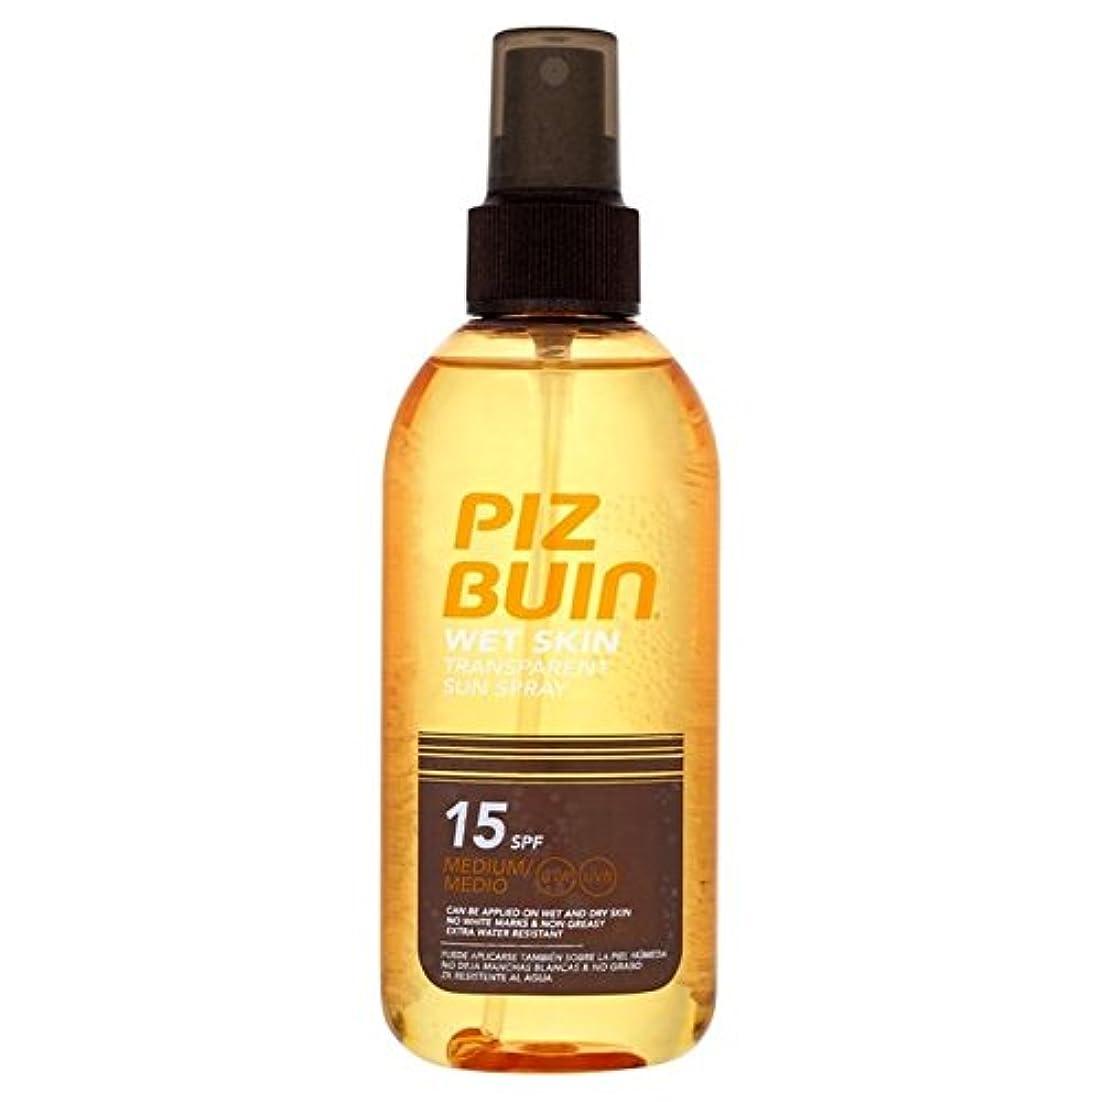 暗記するハリケーンアカデミックピッツブーインの湿った透明肌15の150ミリリットル x2 - Piz Buin Wet Transparent Skin SPF15 150ml (Pack of 2) [並行輸入品]